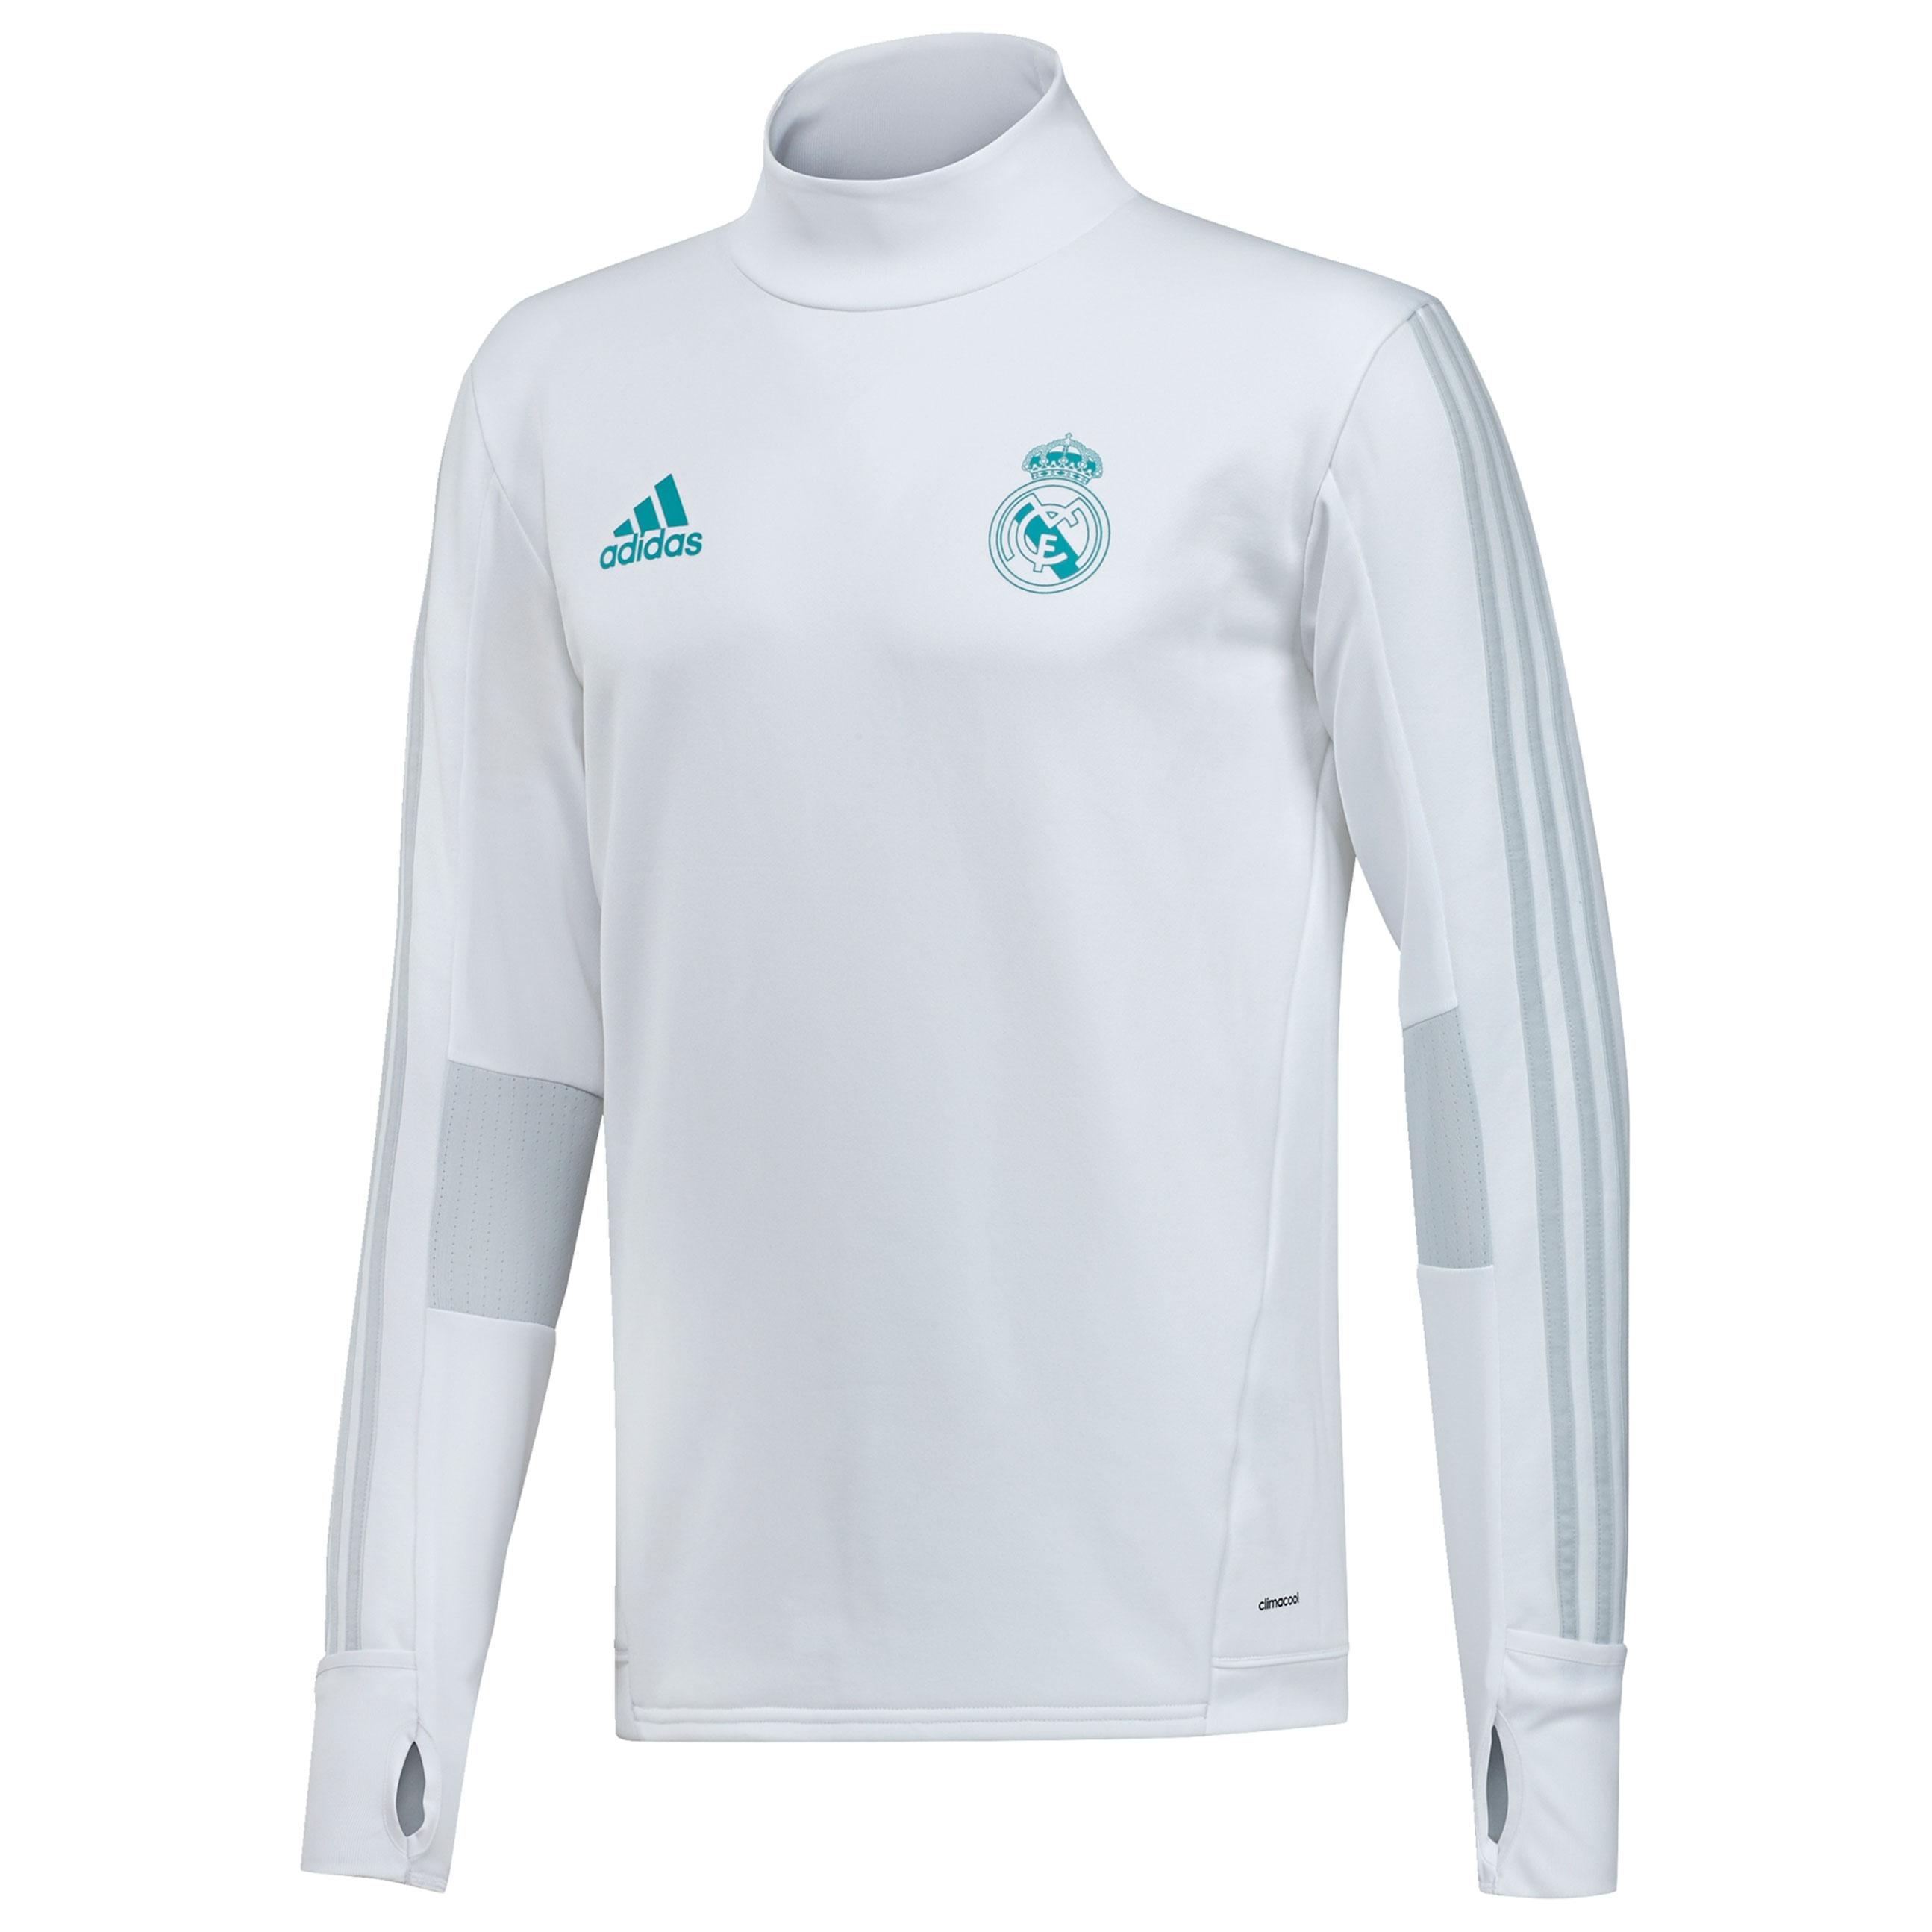 Adidas / Camiseta de entrenamiento Real Madrid - Blanco